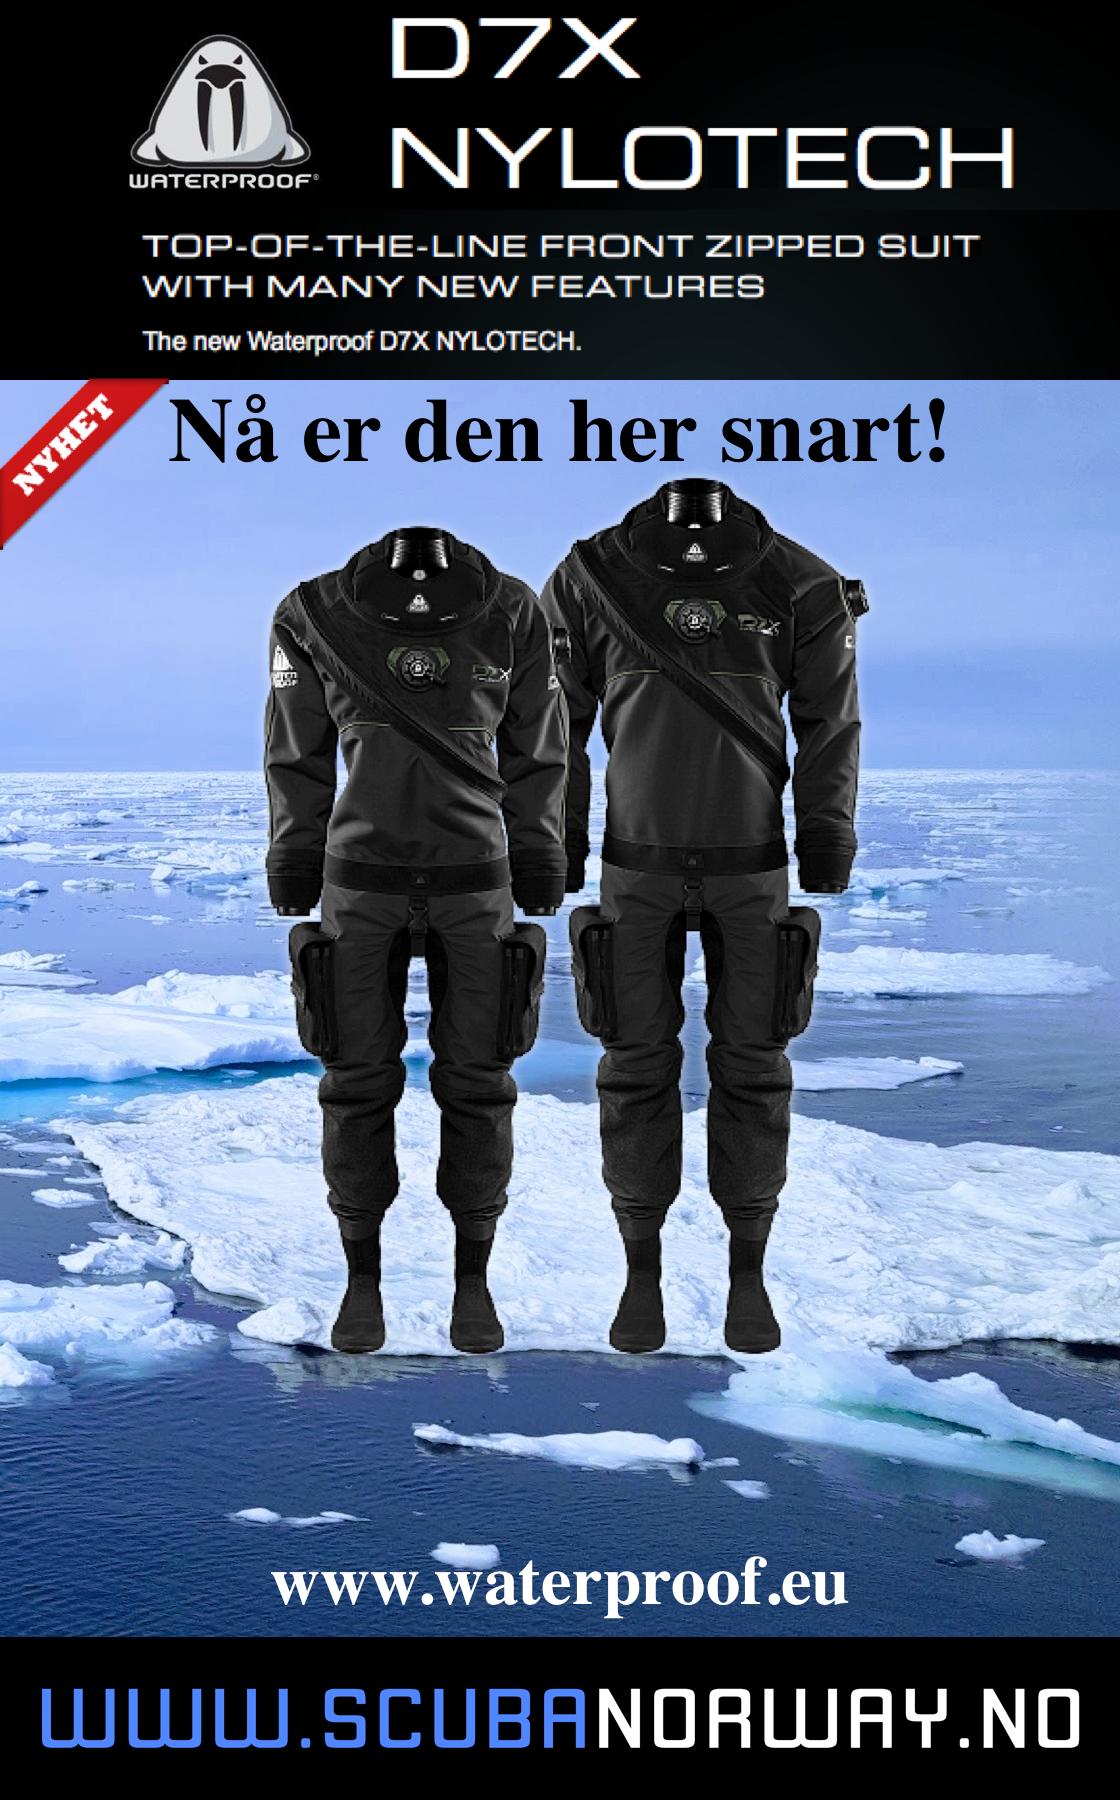 Scuba Norway Waterproof D7X